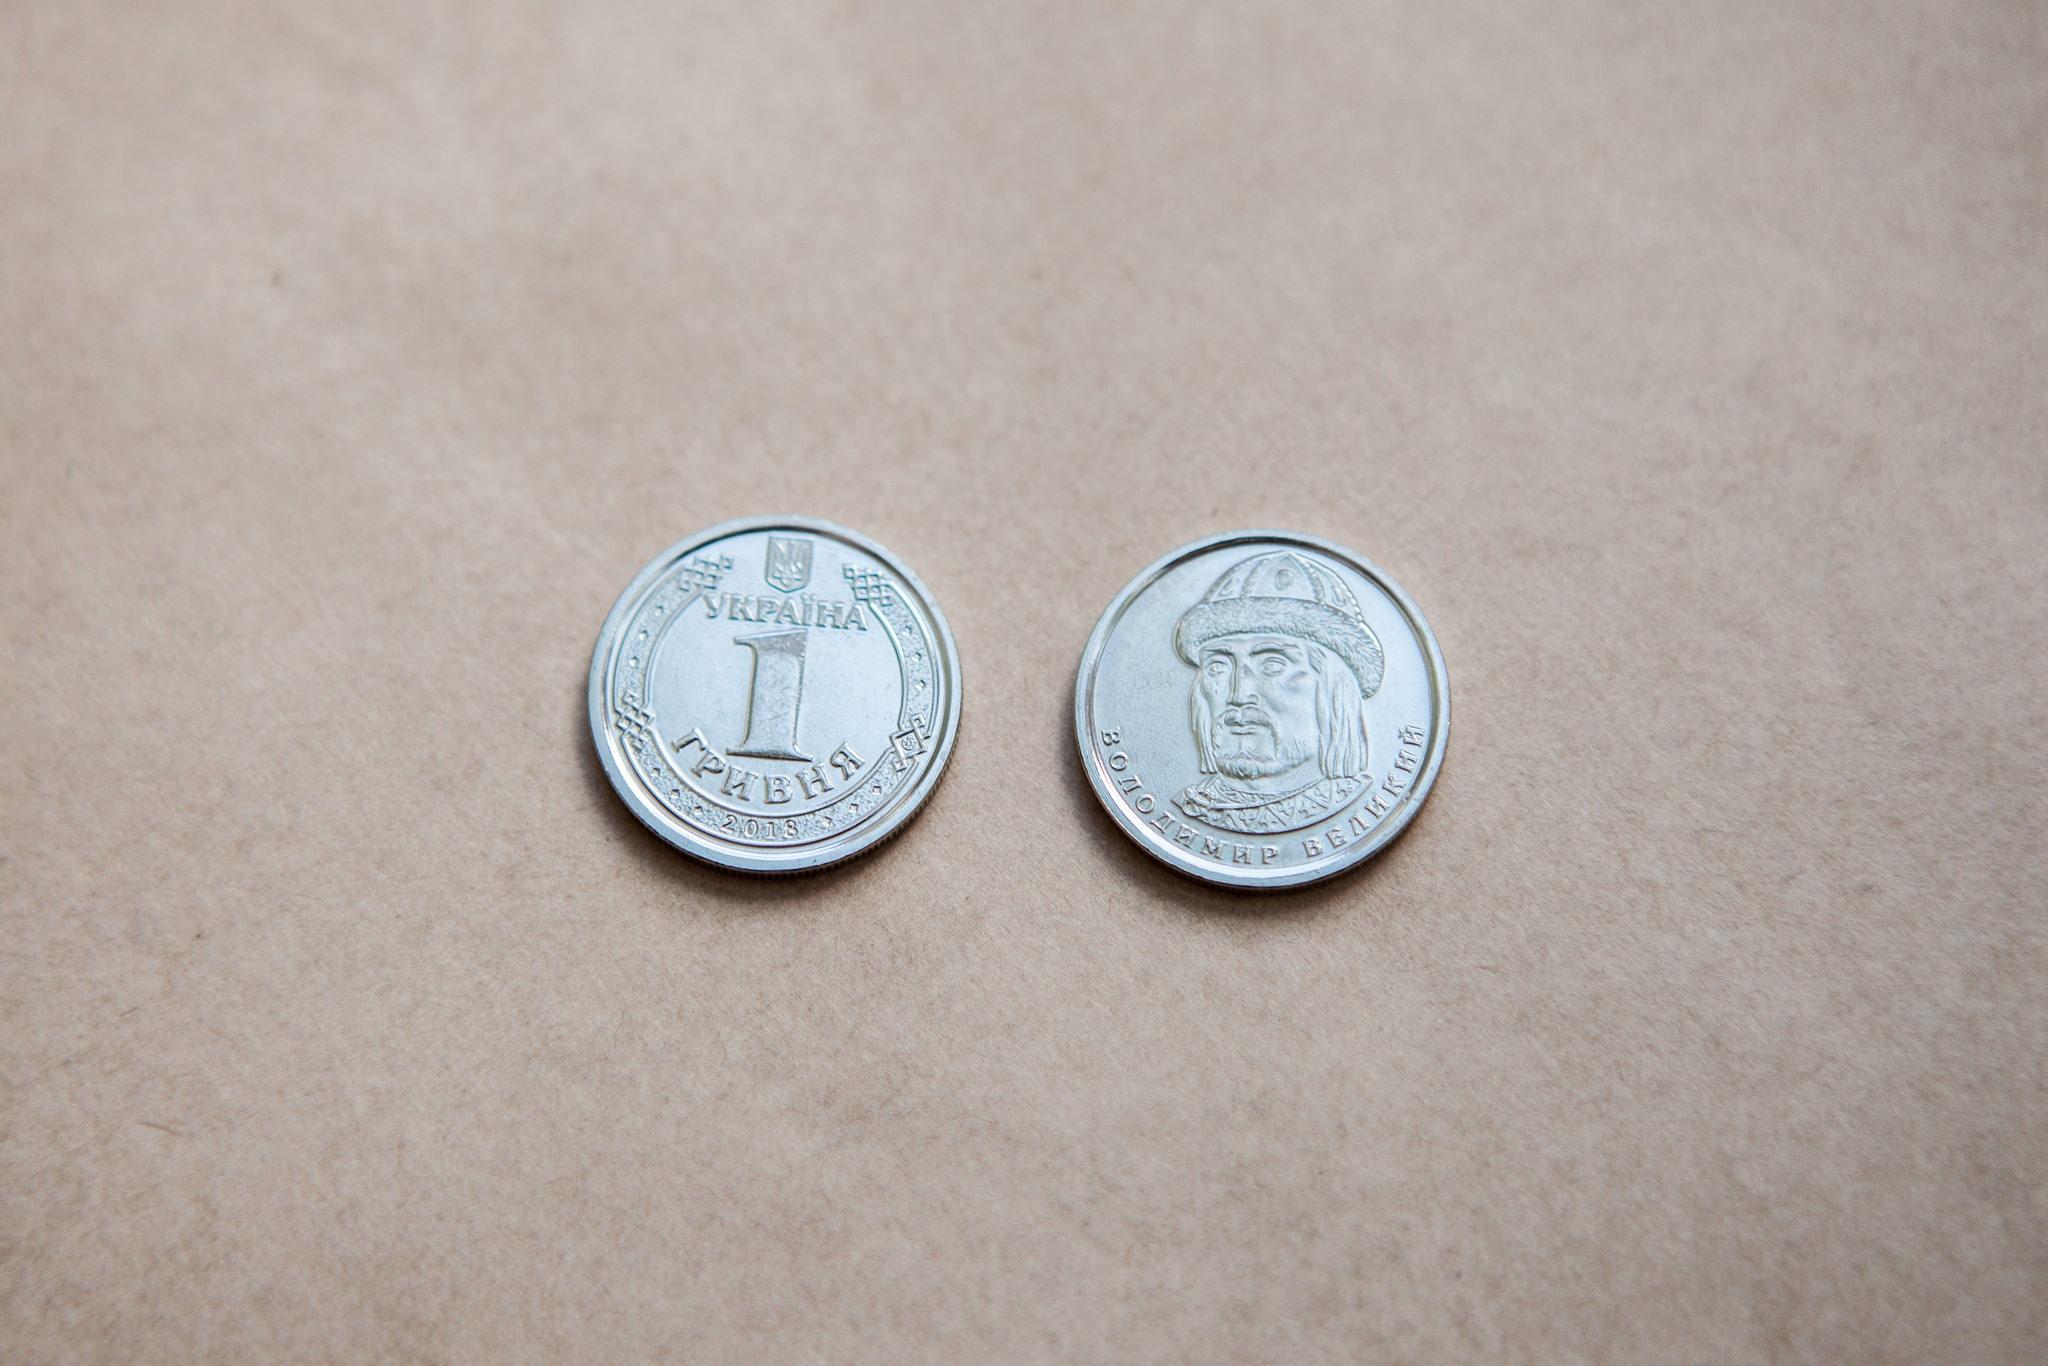 nacionalnyy-bank-ukrainy-vvodit-v-obrashchenie-novye-monety-nominalom-1-i-2-grivny_01